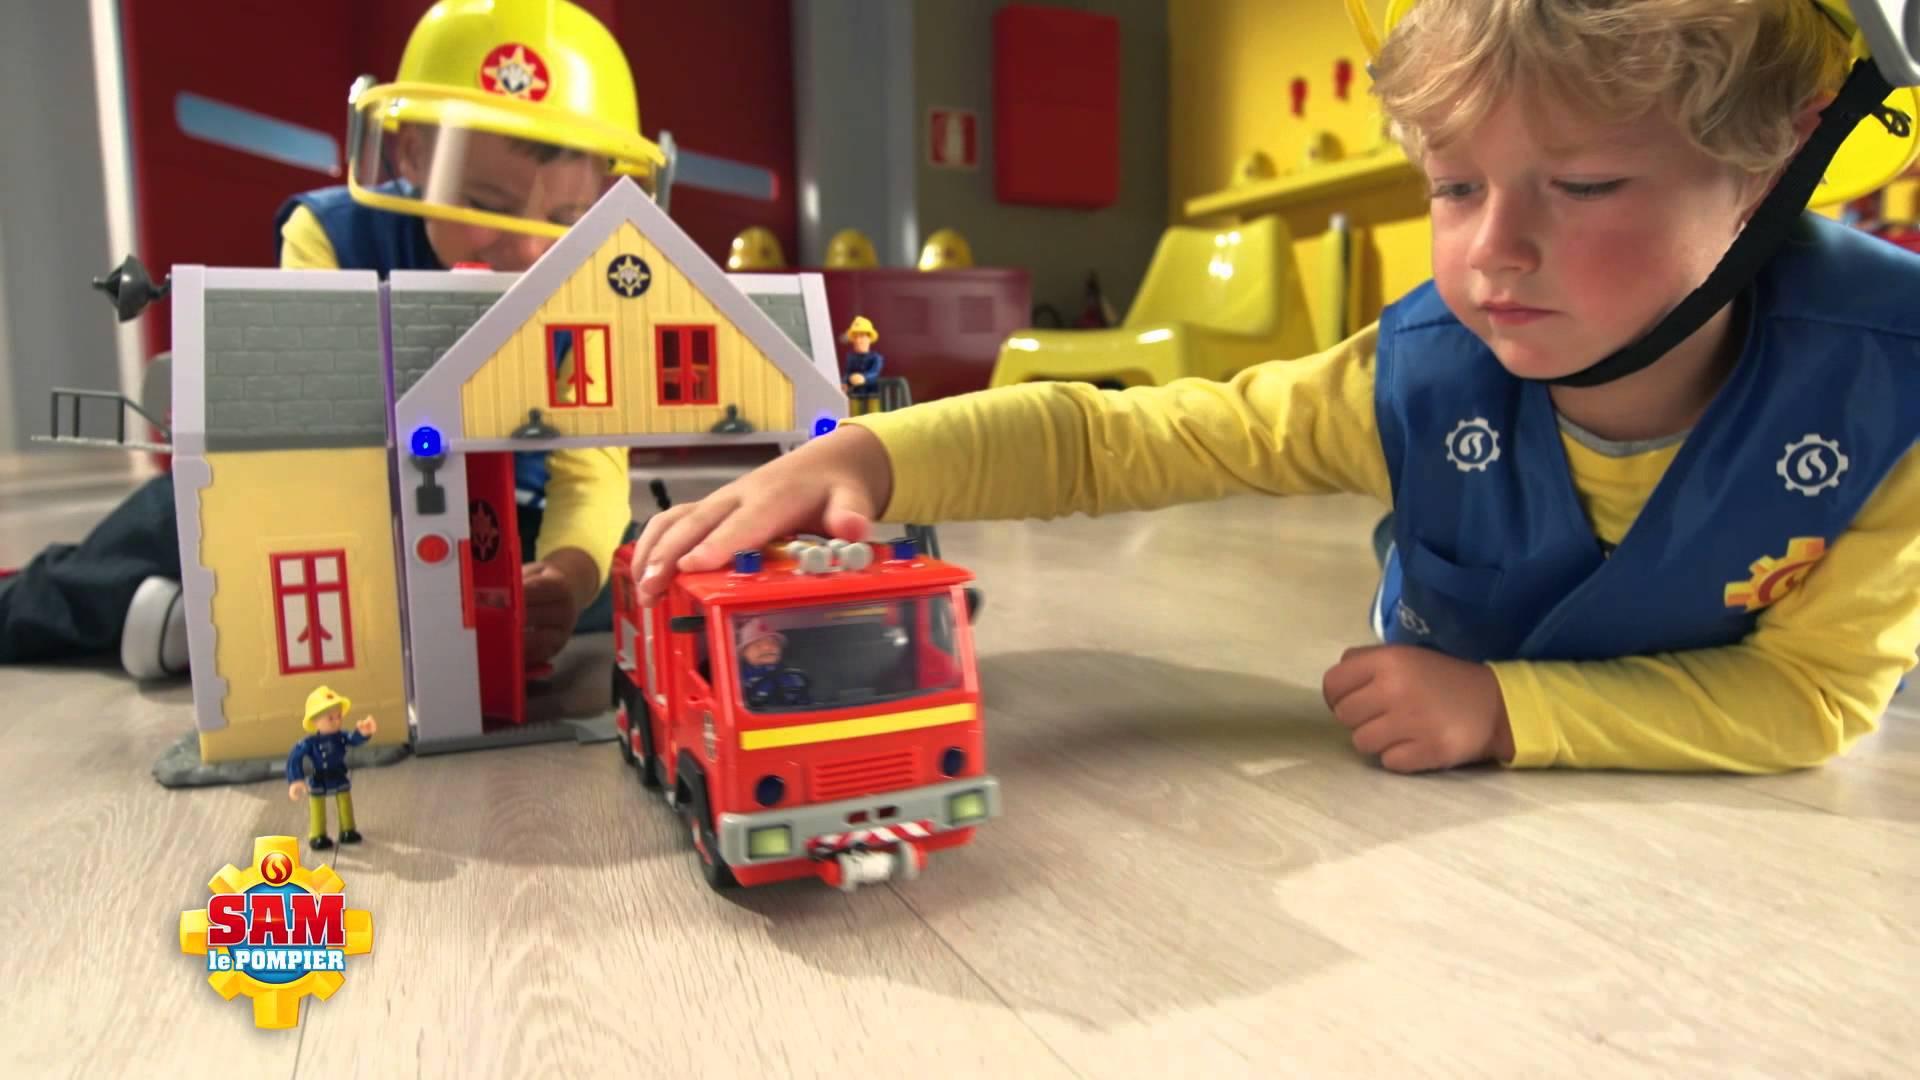 Jouets sam le pompier nouveaut s et avis jouets club jouet - Sam le pompier noel ...